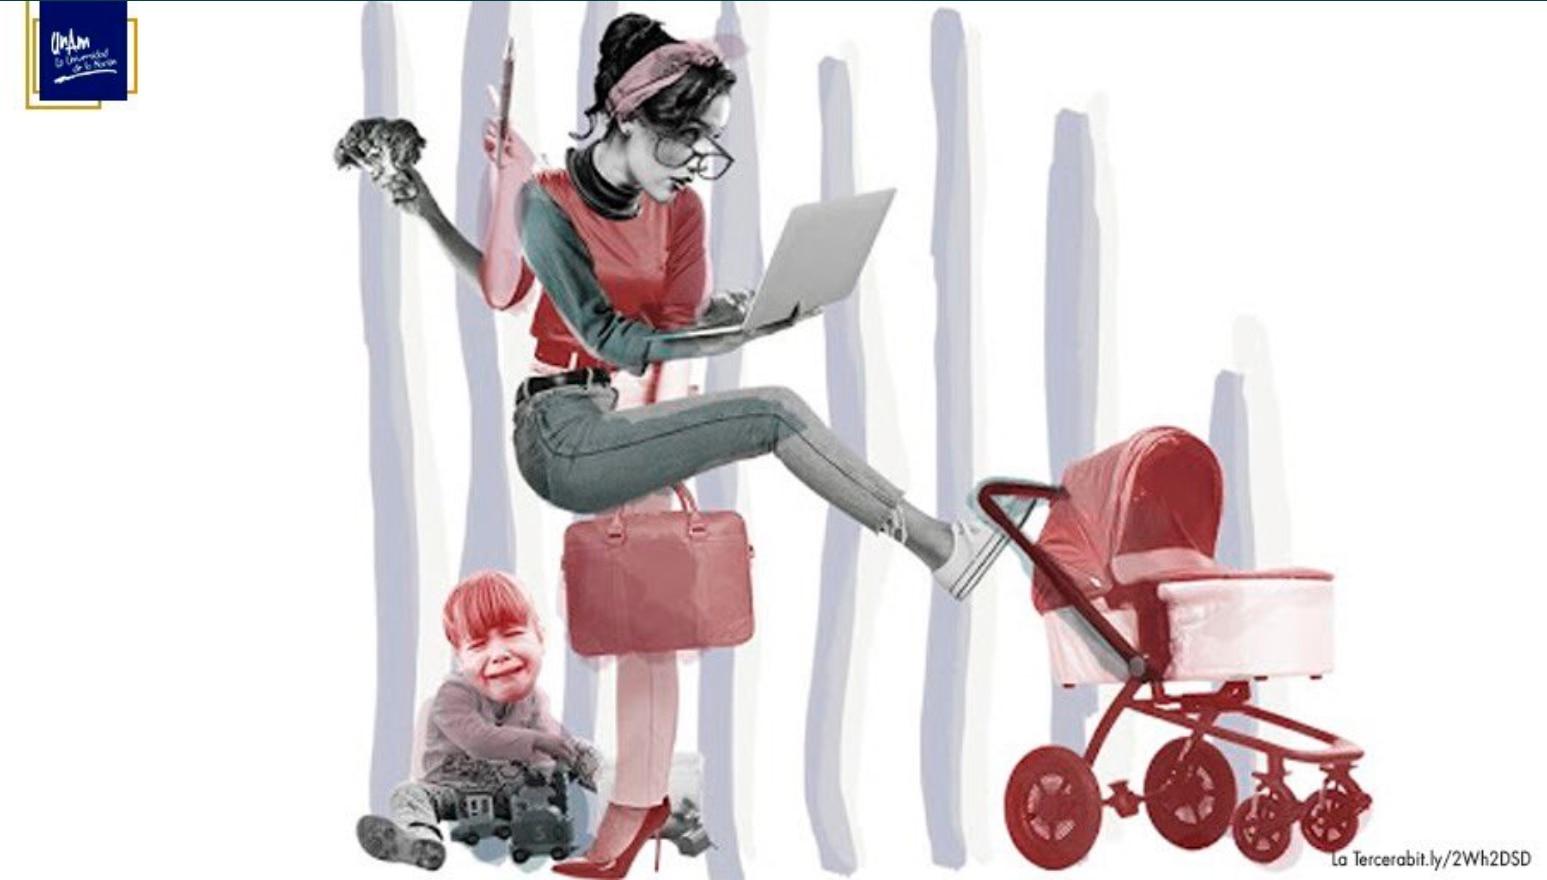 ¿Feliz Día de la madre? la carga excesiva de las mujeres en el hogar sigue sin ser equitativa: especialistas de la UNAM  - Infobae